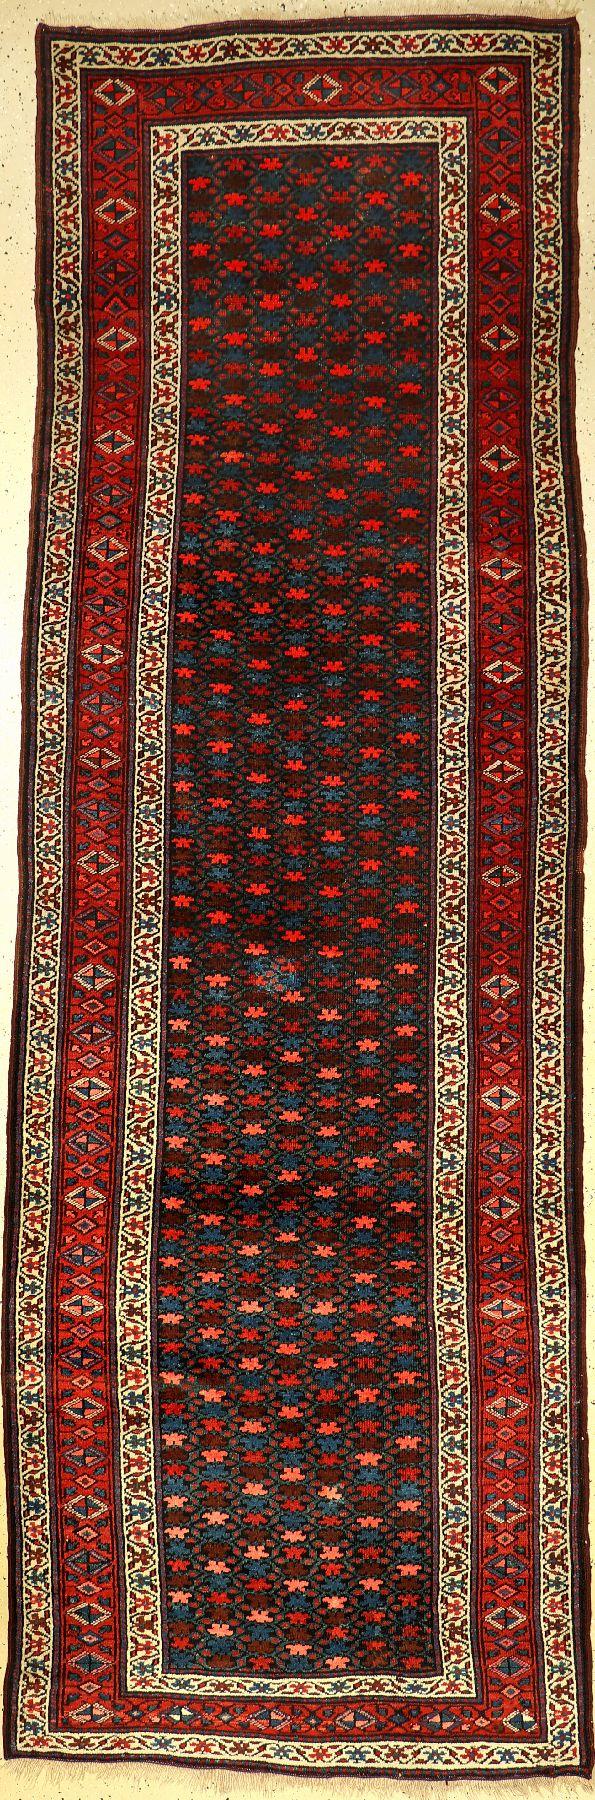 """Kurdische """"Galerie"""" alt, Persien, um 1920, Wolle auf Wolle, ca. 350 x 120 cm, EHZ: 2-3Kurdish runner"""